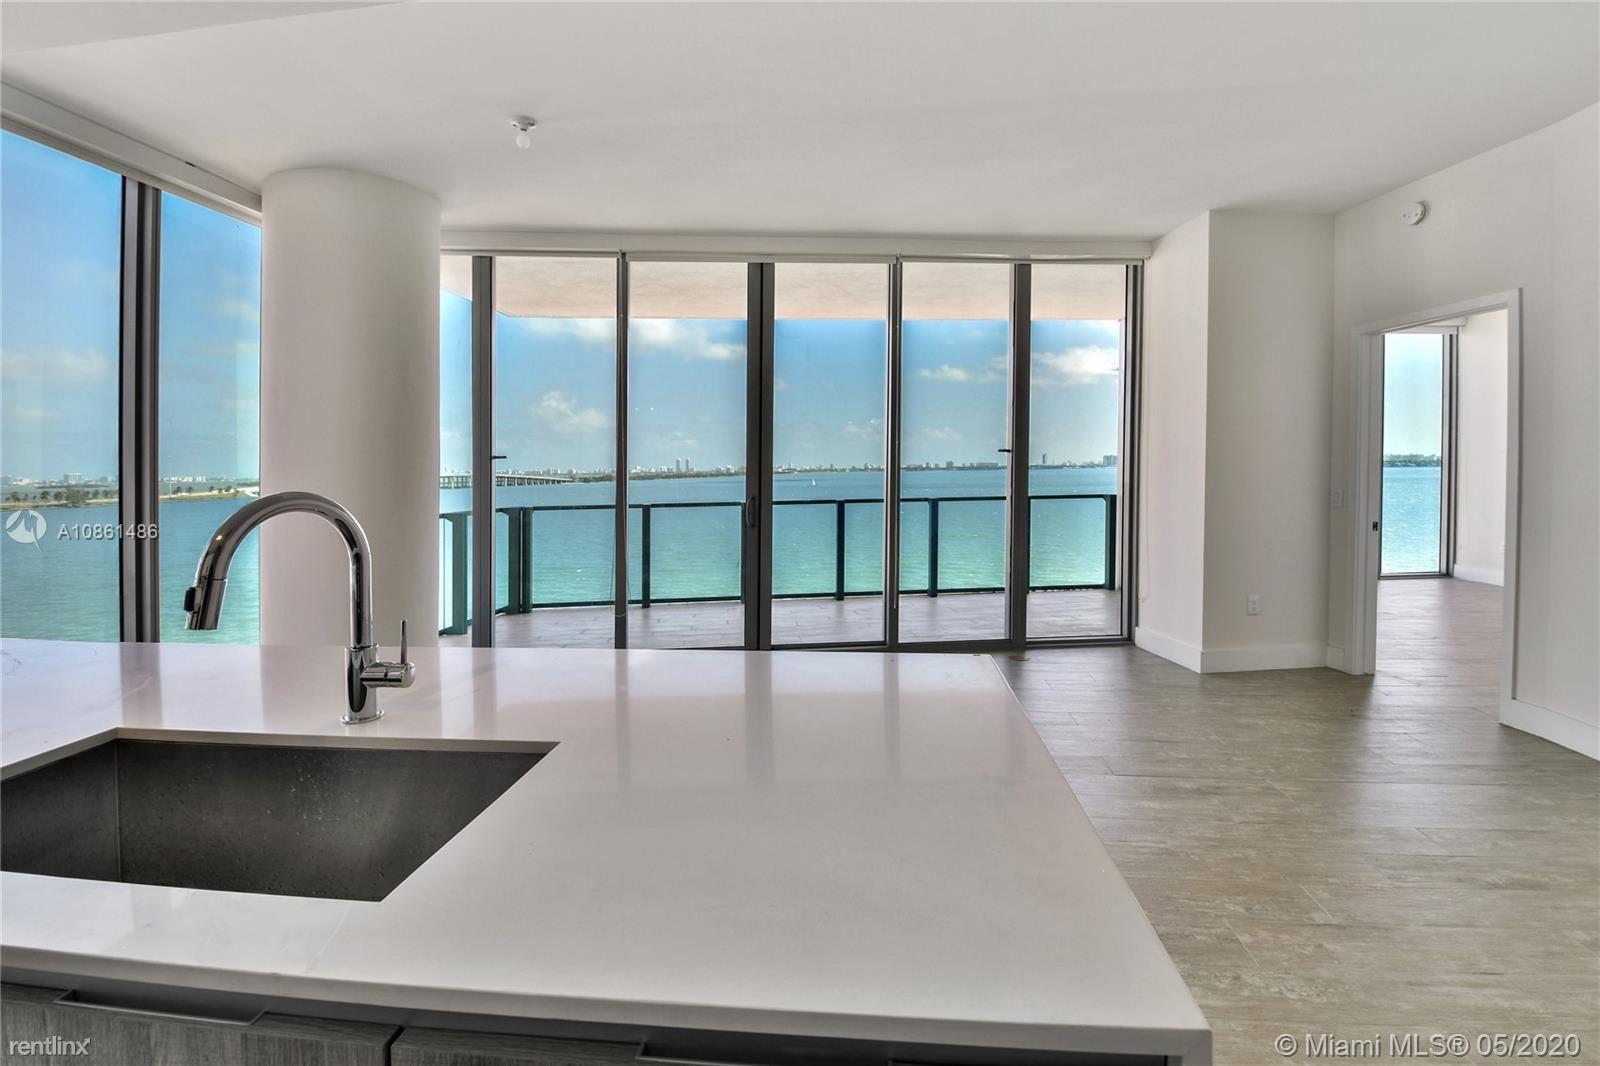 2900 NE 7th Ave Unit 702, Miami, FL - $5,000